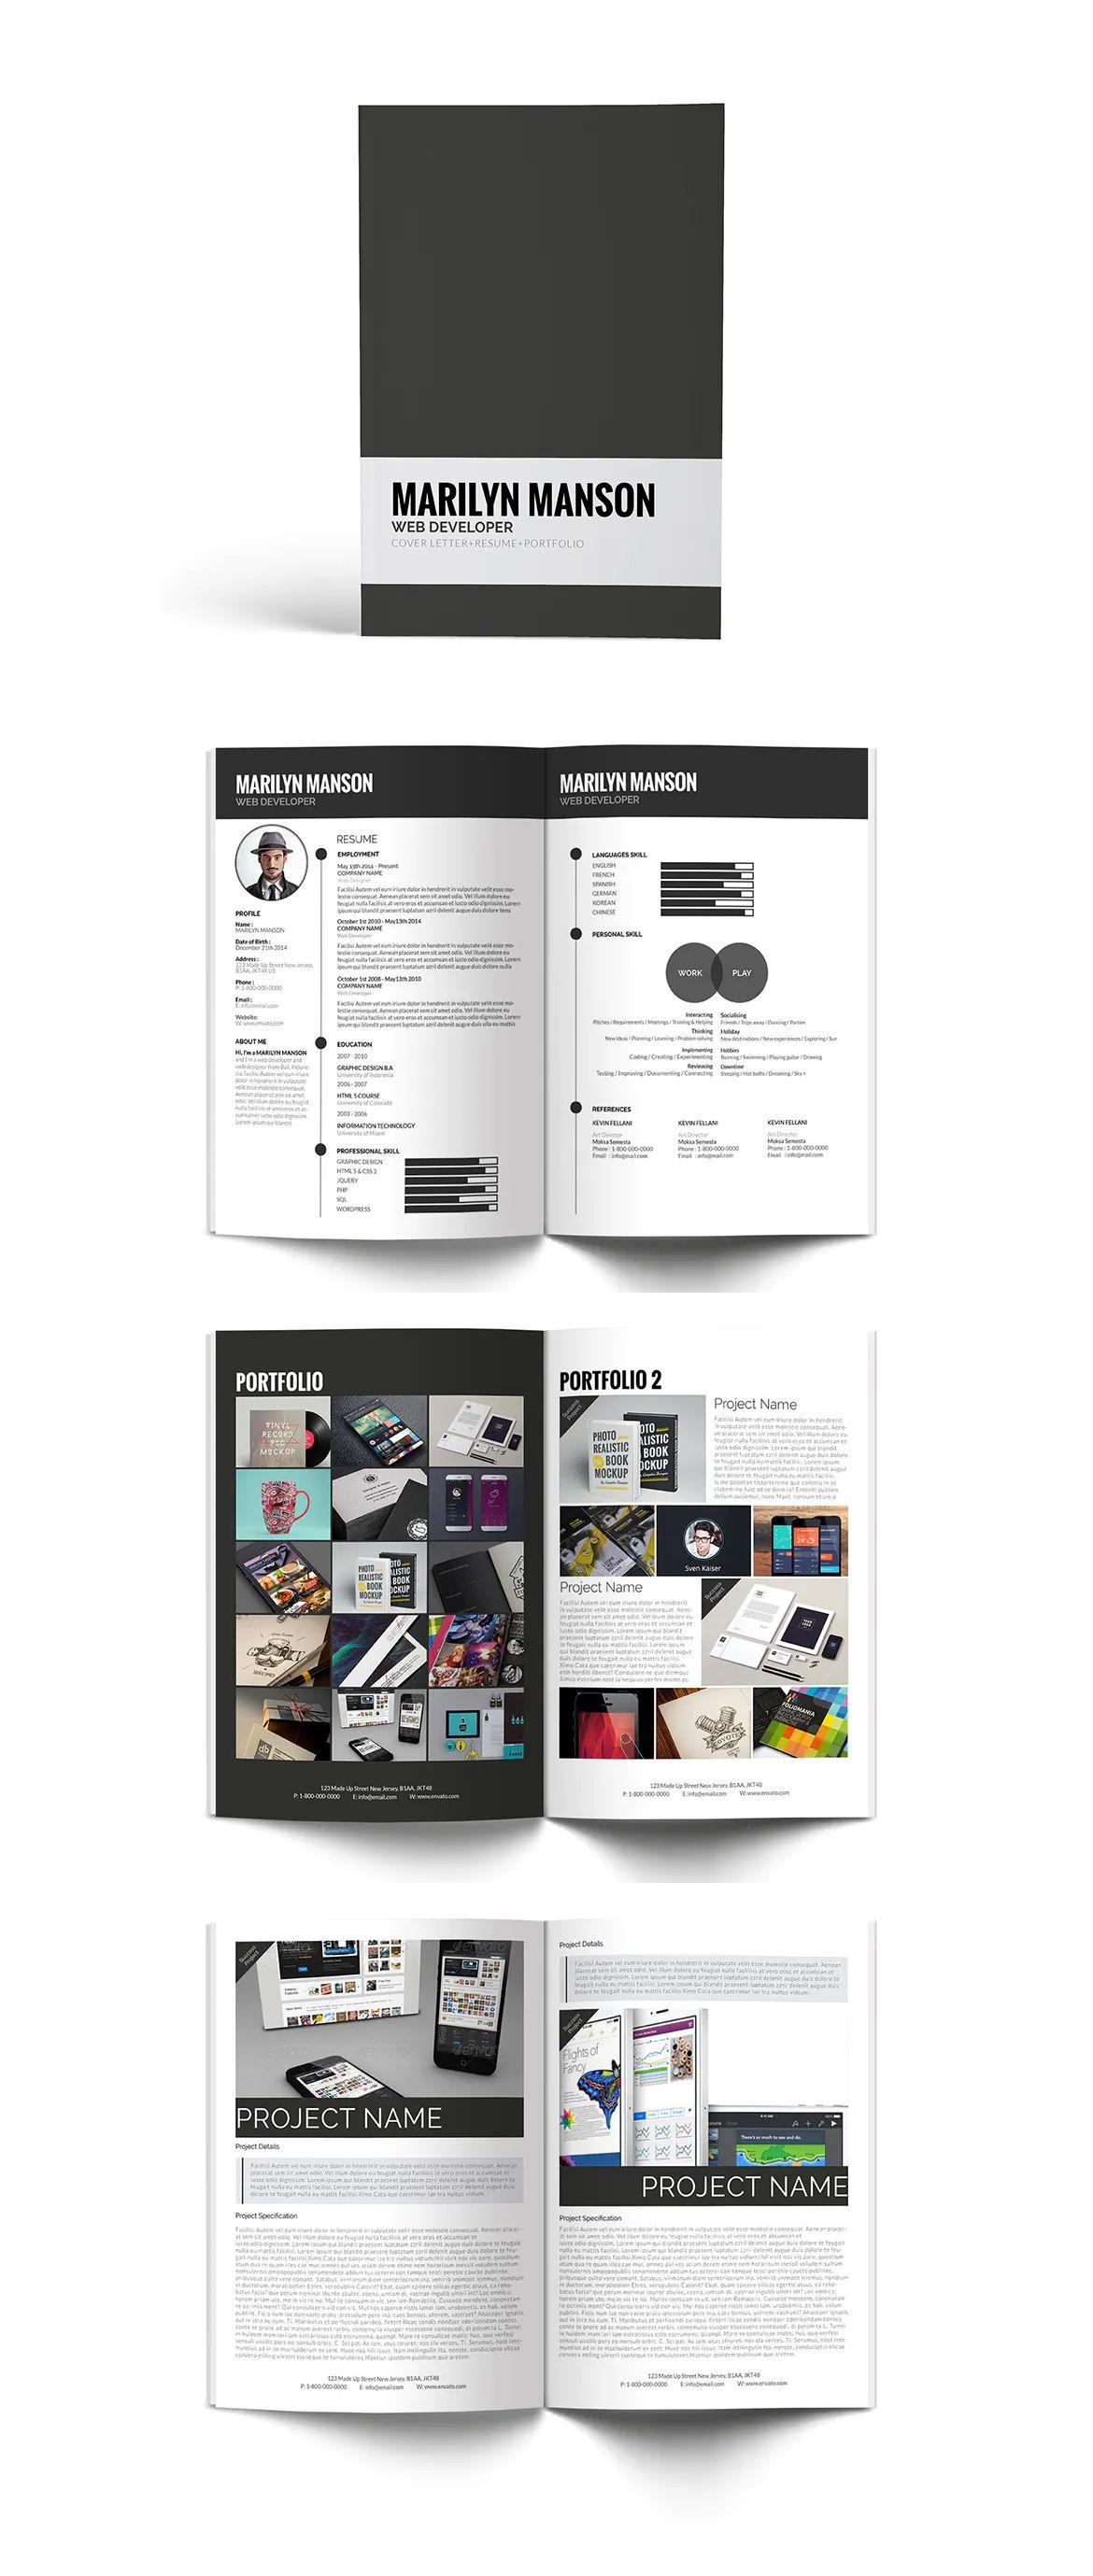 Resume Cv Portfolio by giantdesign on Resume cv, Cv